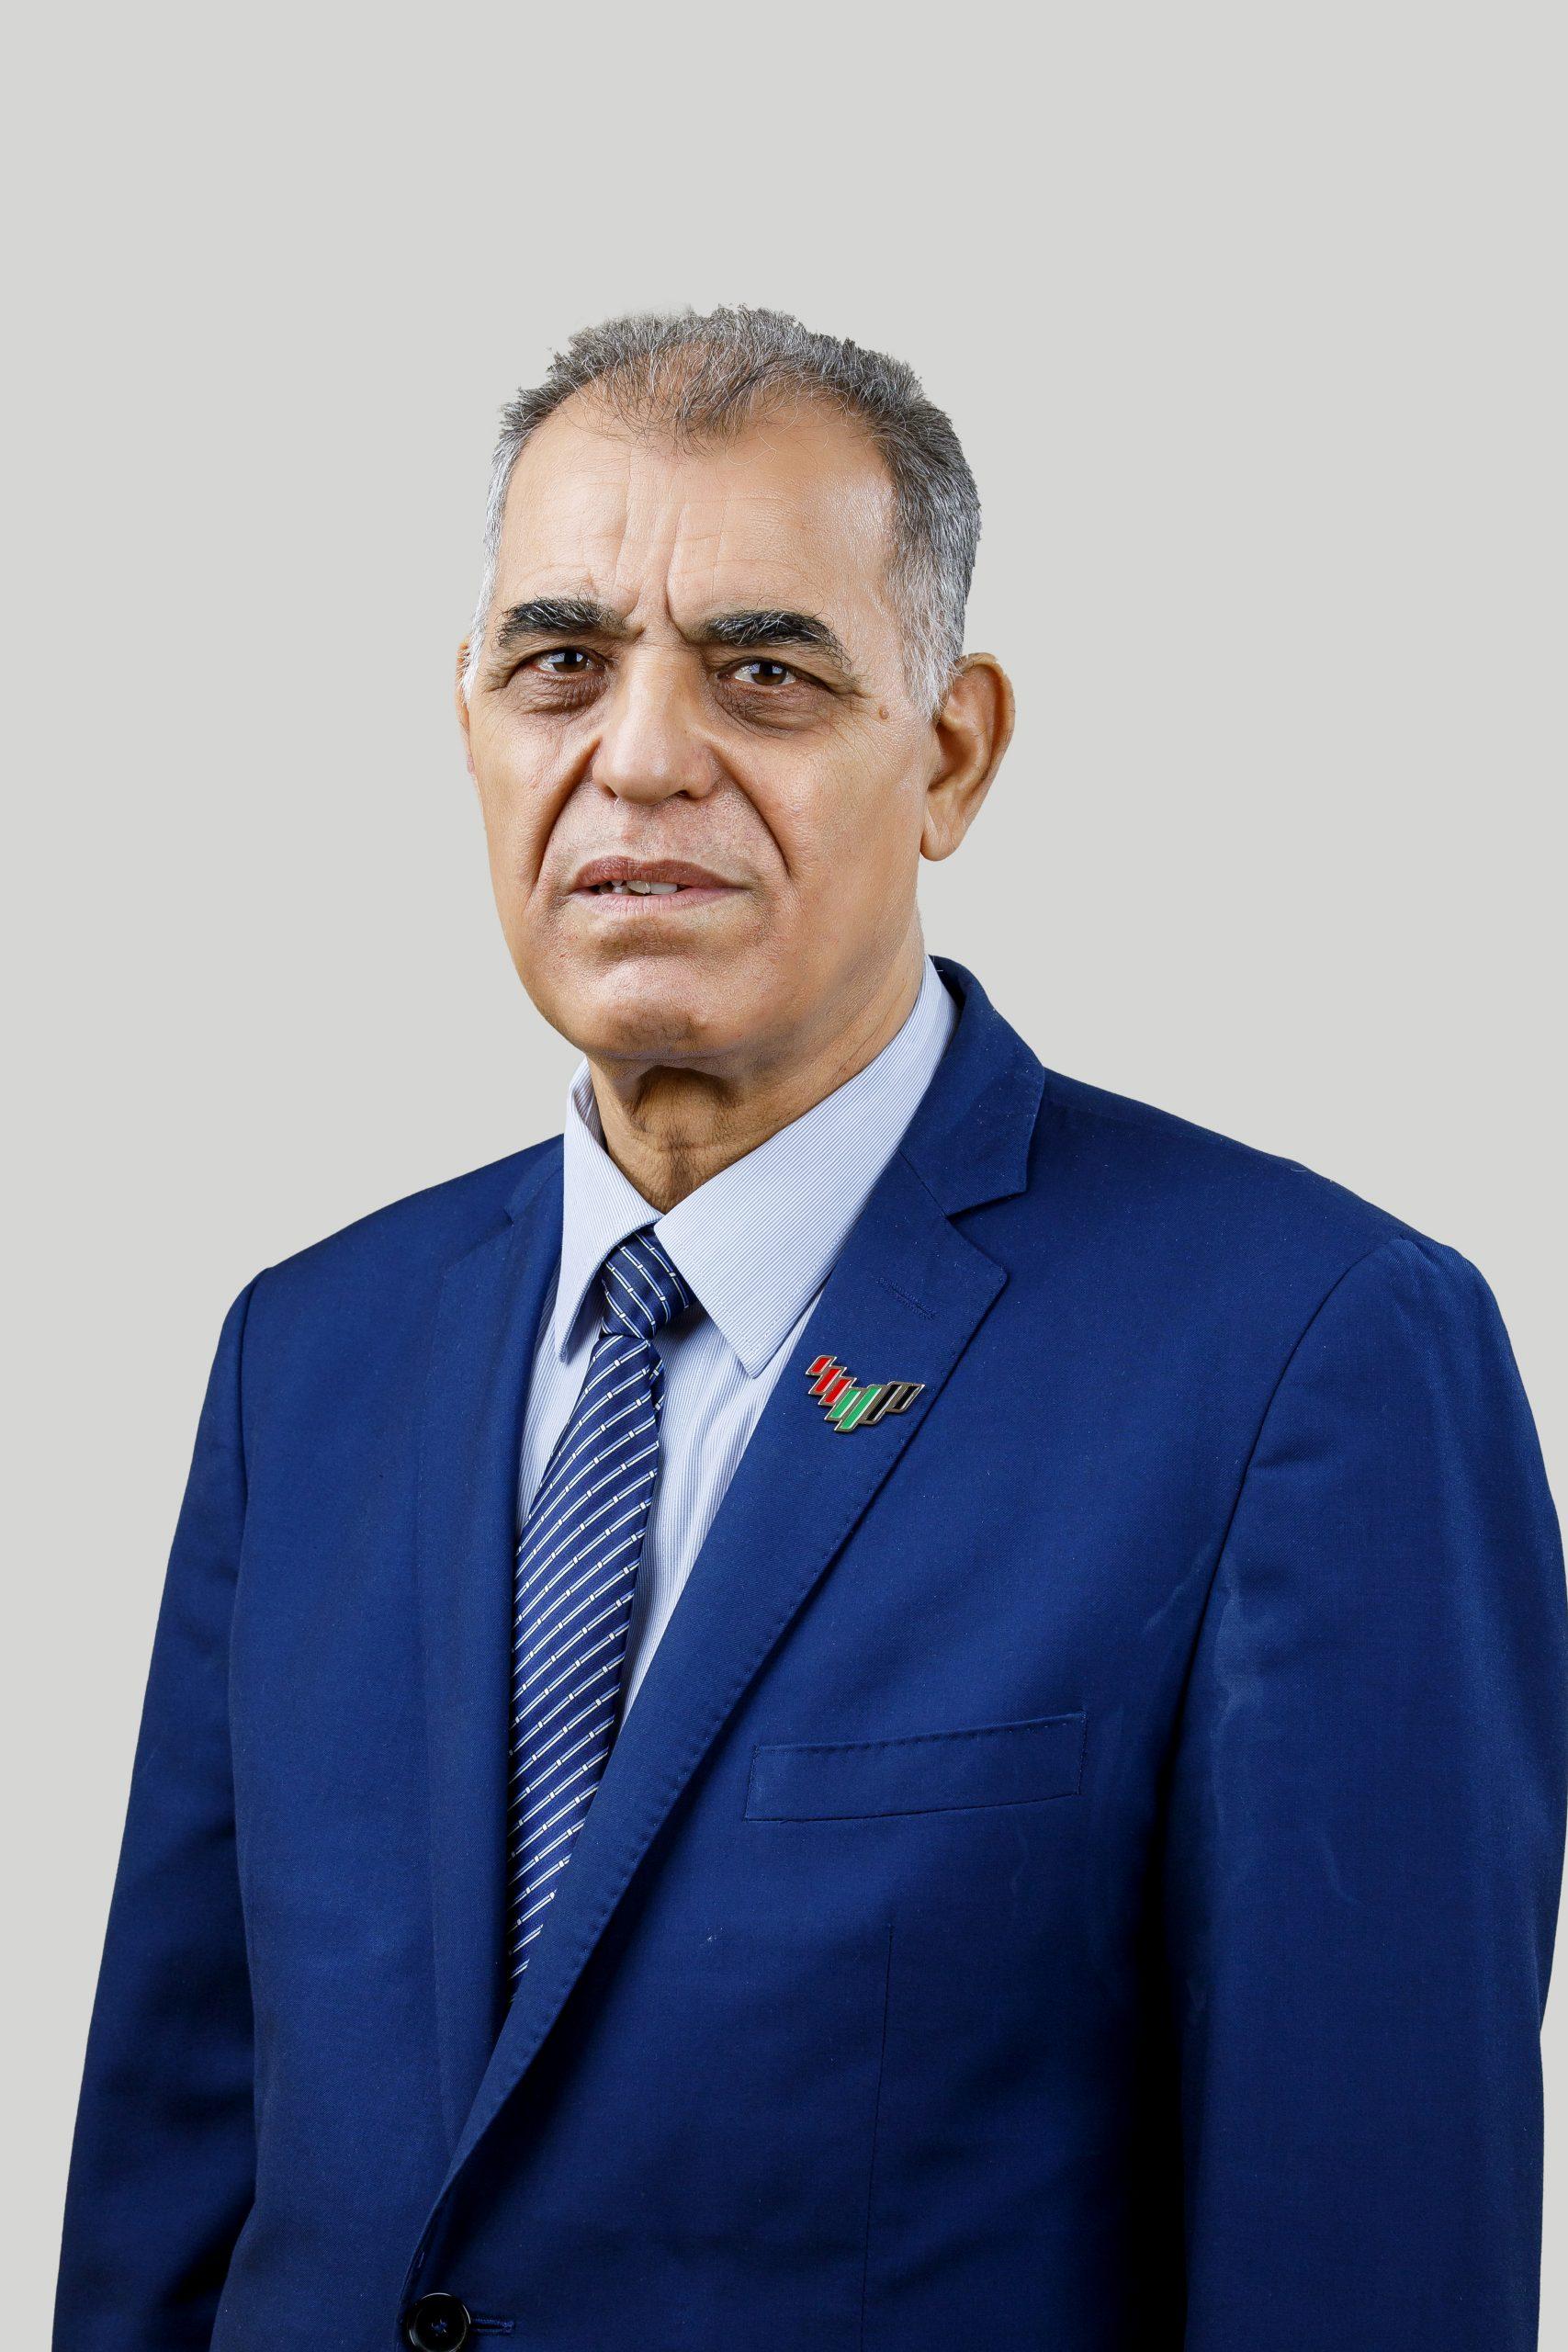 Dr. Mohammed Darif